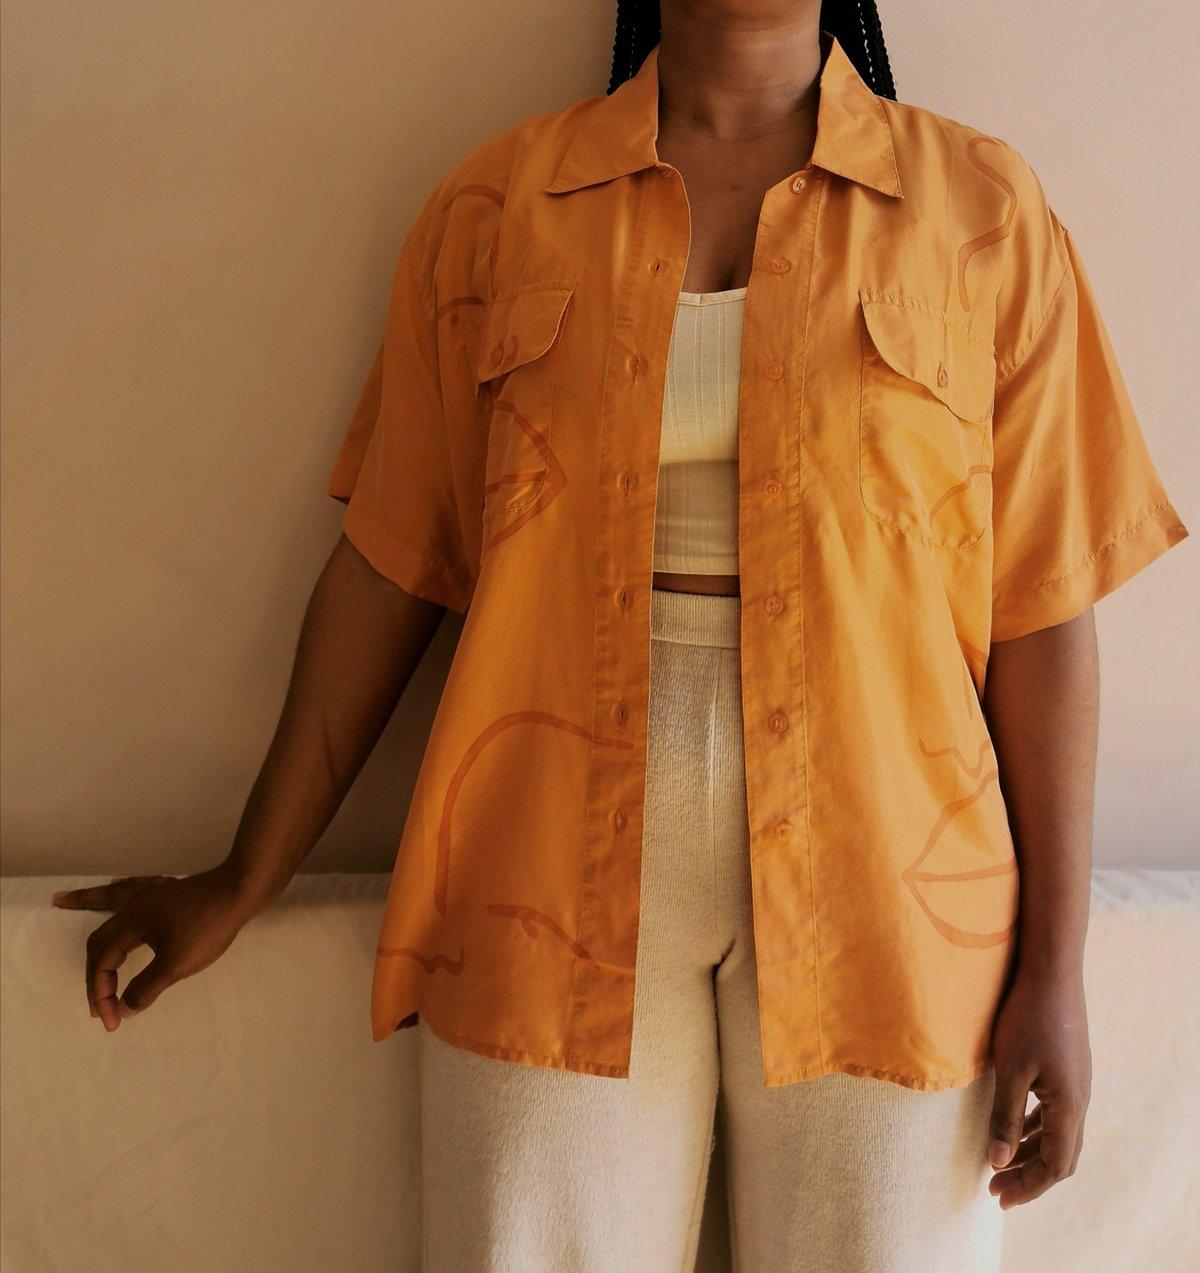 Image of tang shirt